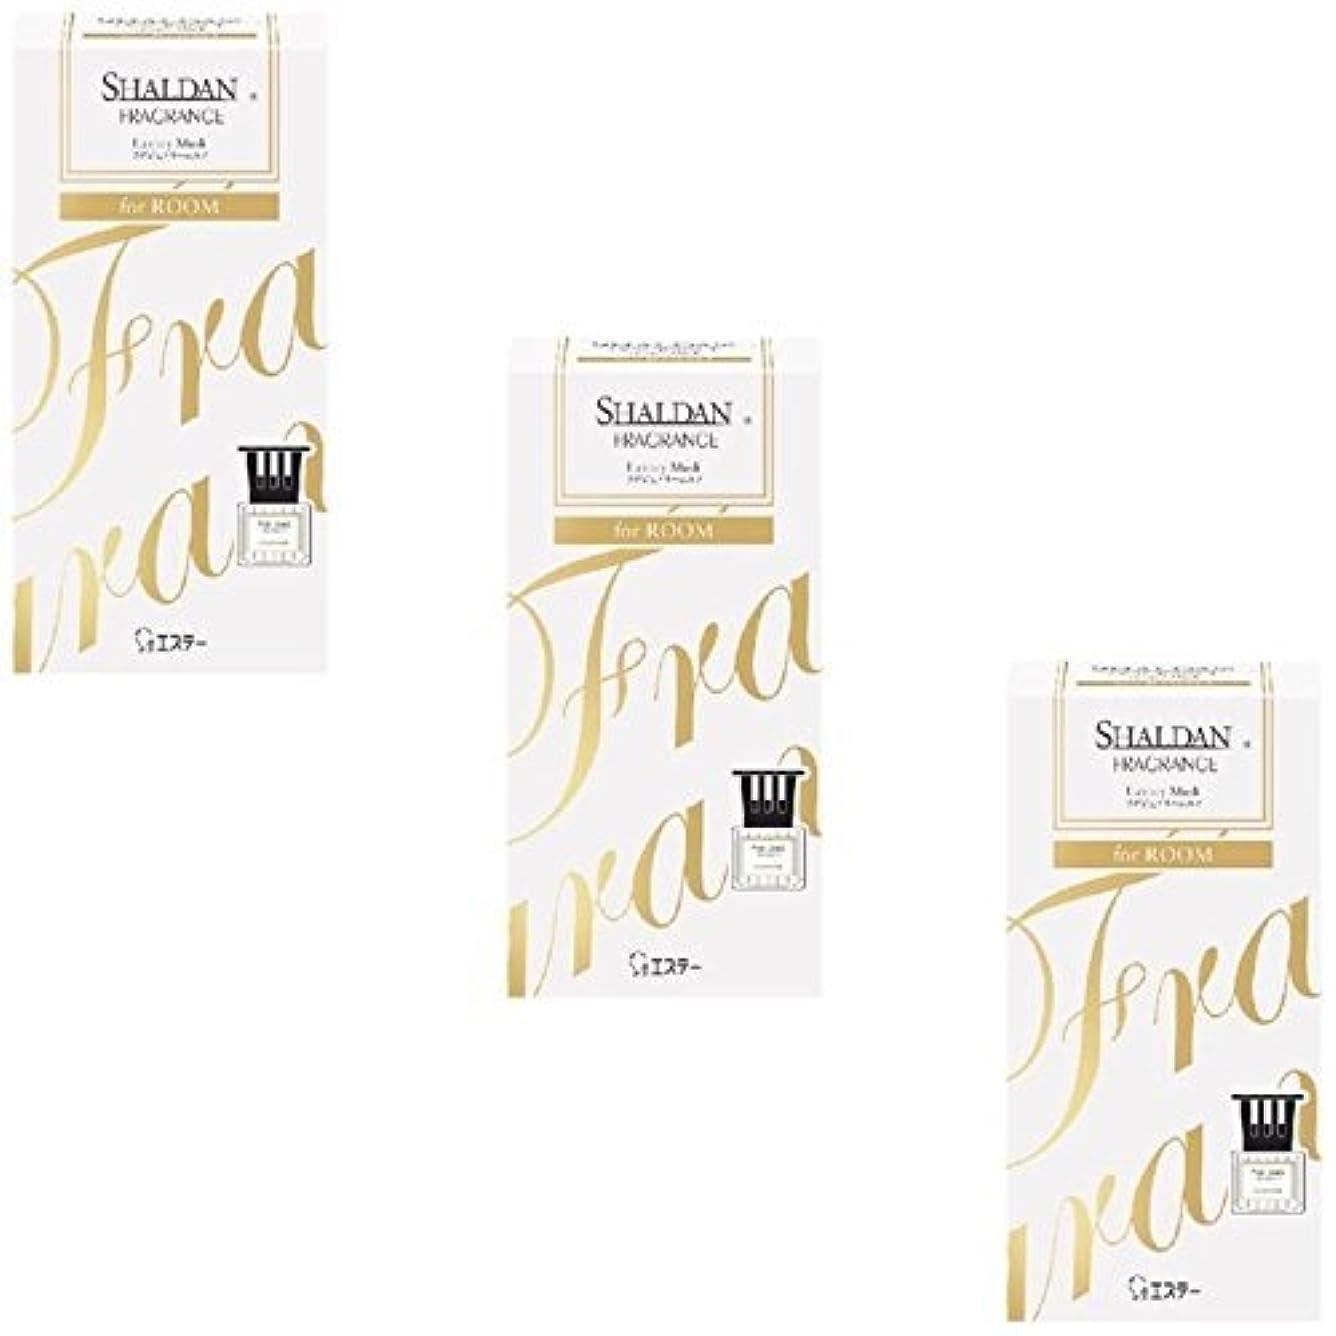 【まとめ買い】シャルダン SHALDAN フレグランス for ROOM 芳香剤 部屋用 本体 ラグジュアリームスク 65ml【×3個】